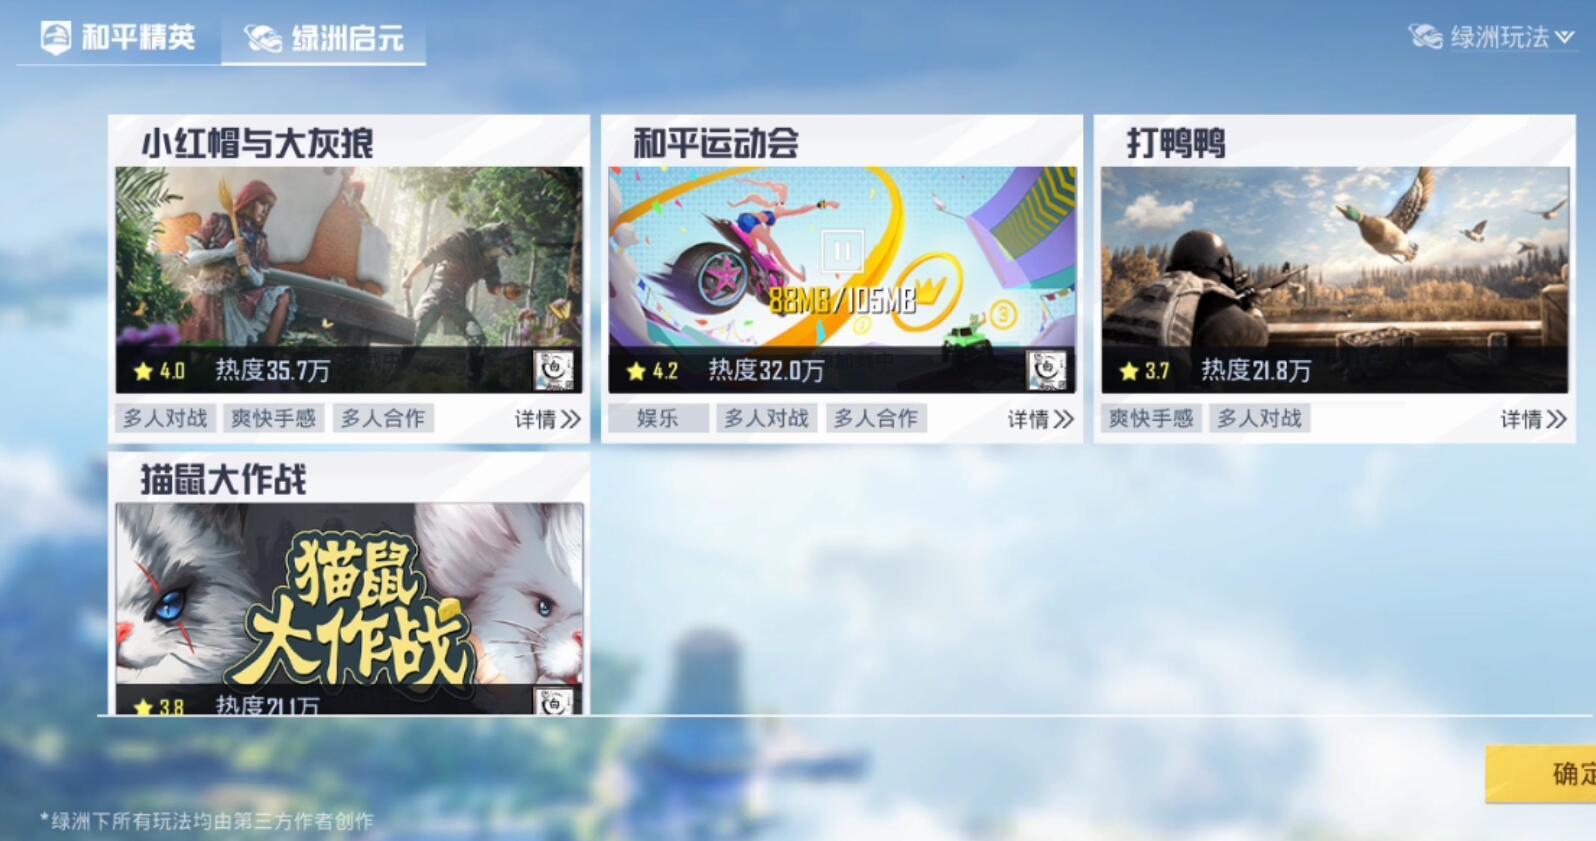 【爆料】绿洲启元四大新玩法介绍,和平运动会/小红帽/打鸭...